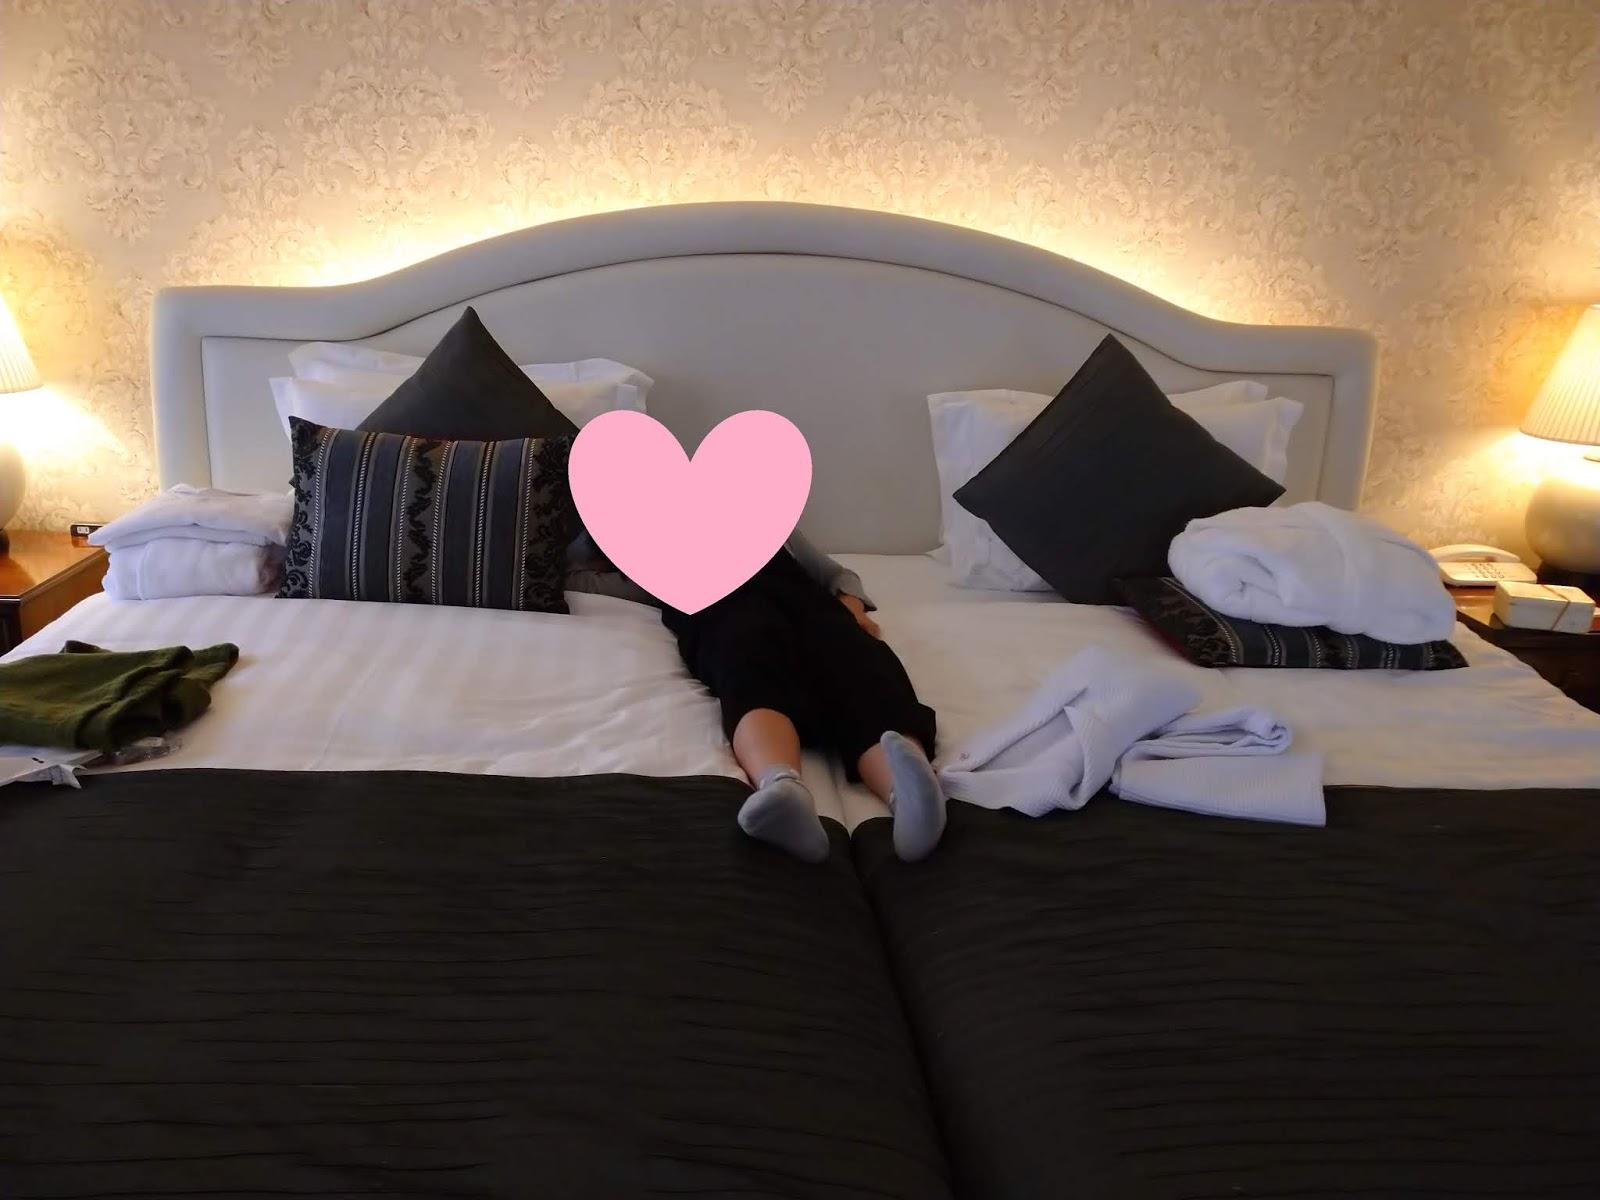 ティー 神戸 アフタヌーン 北野 ホテル